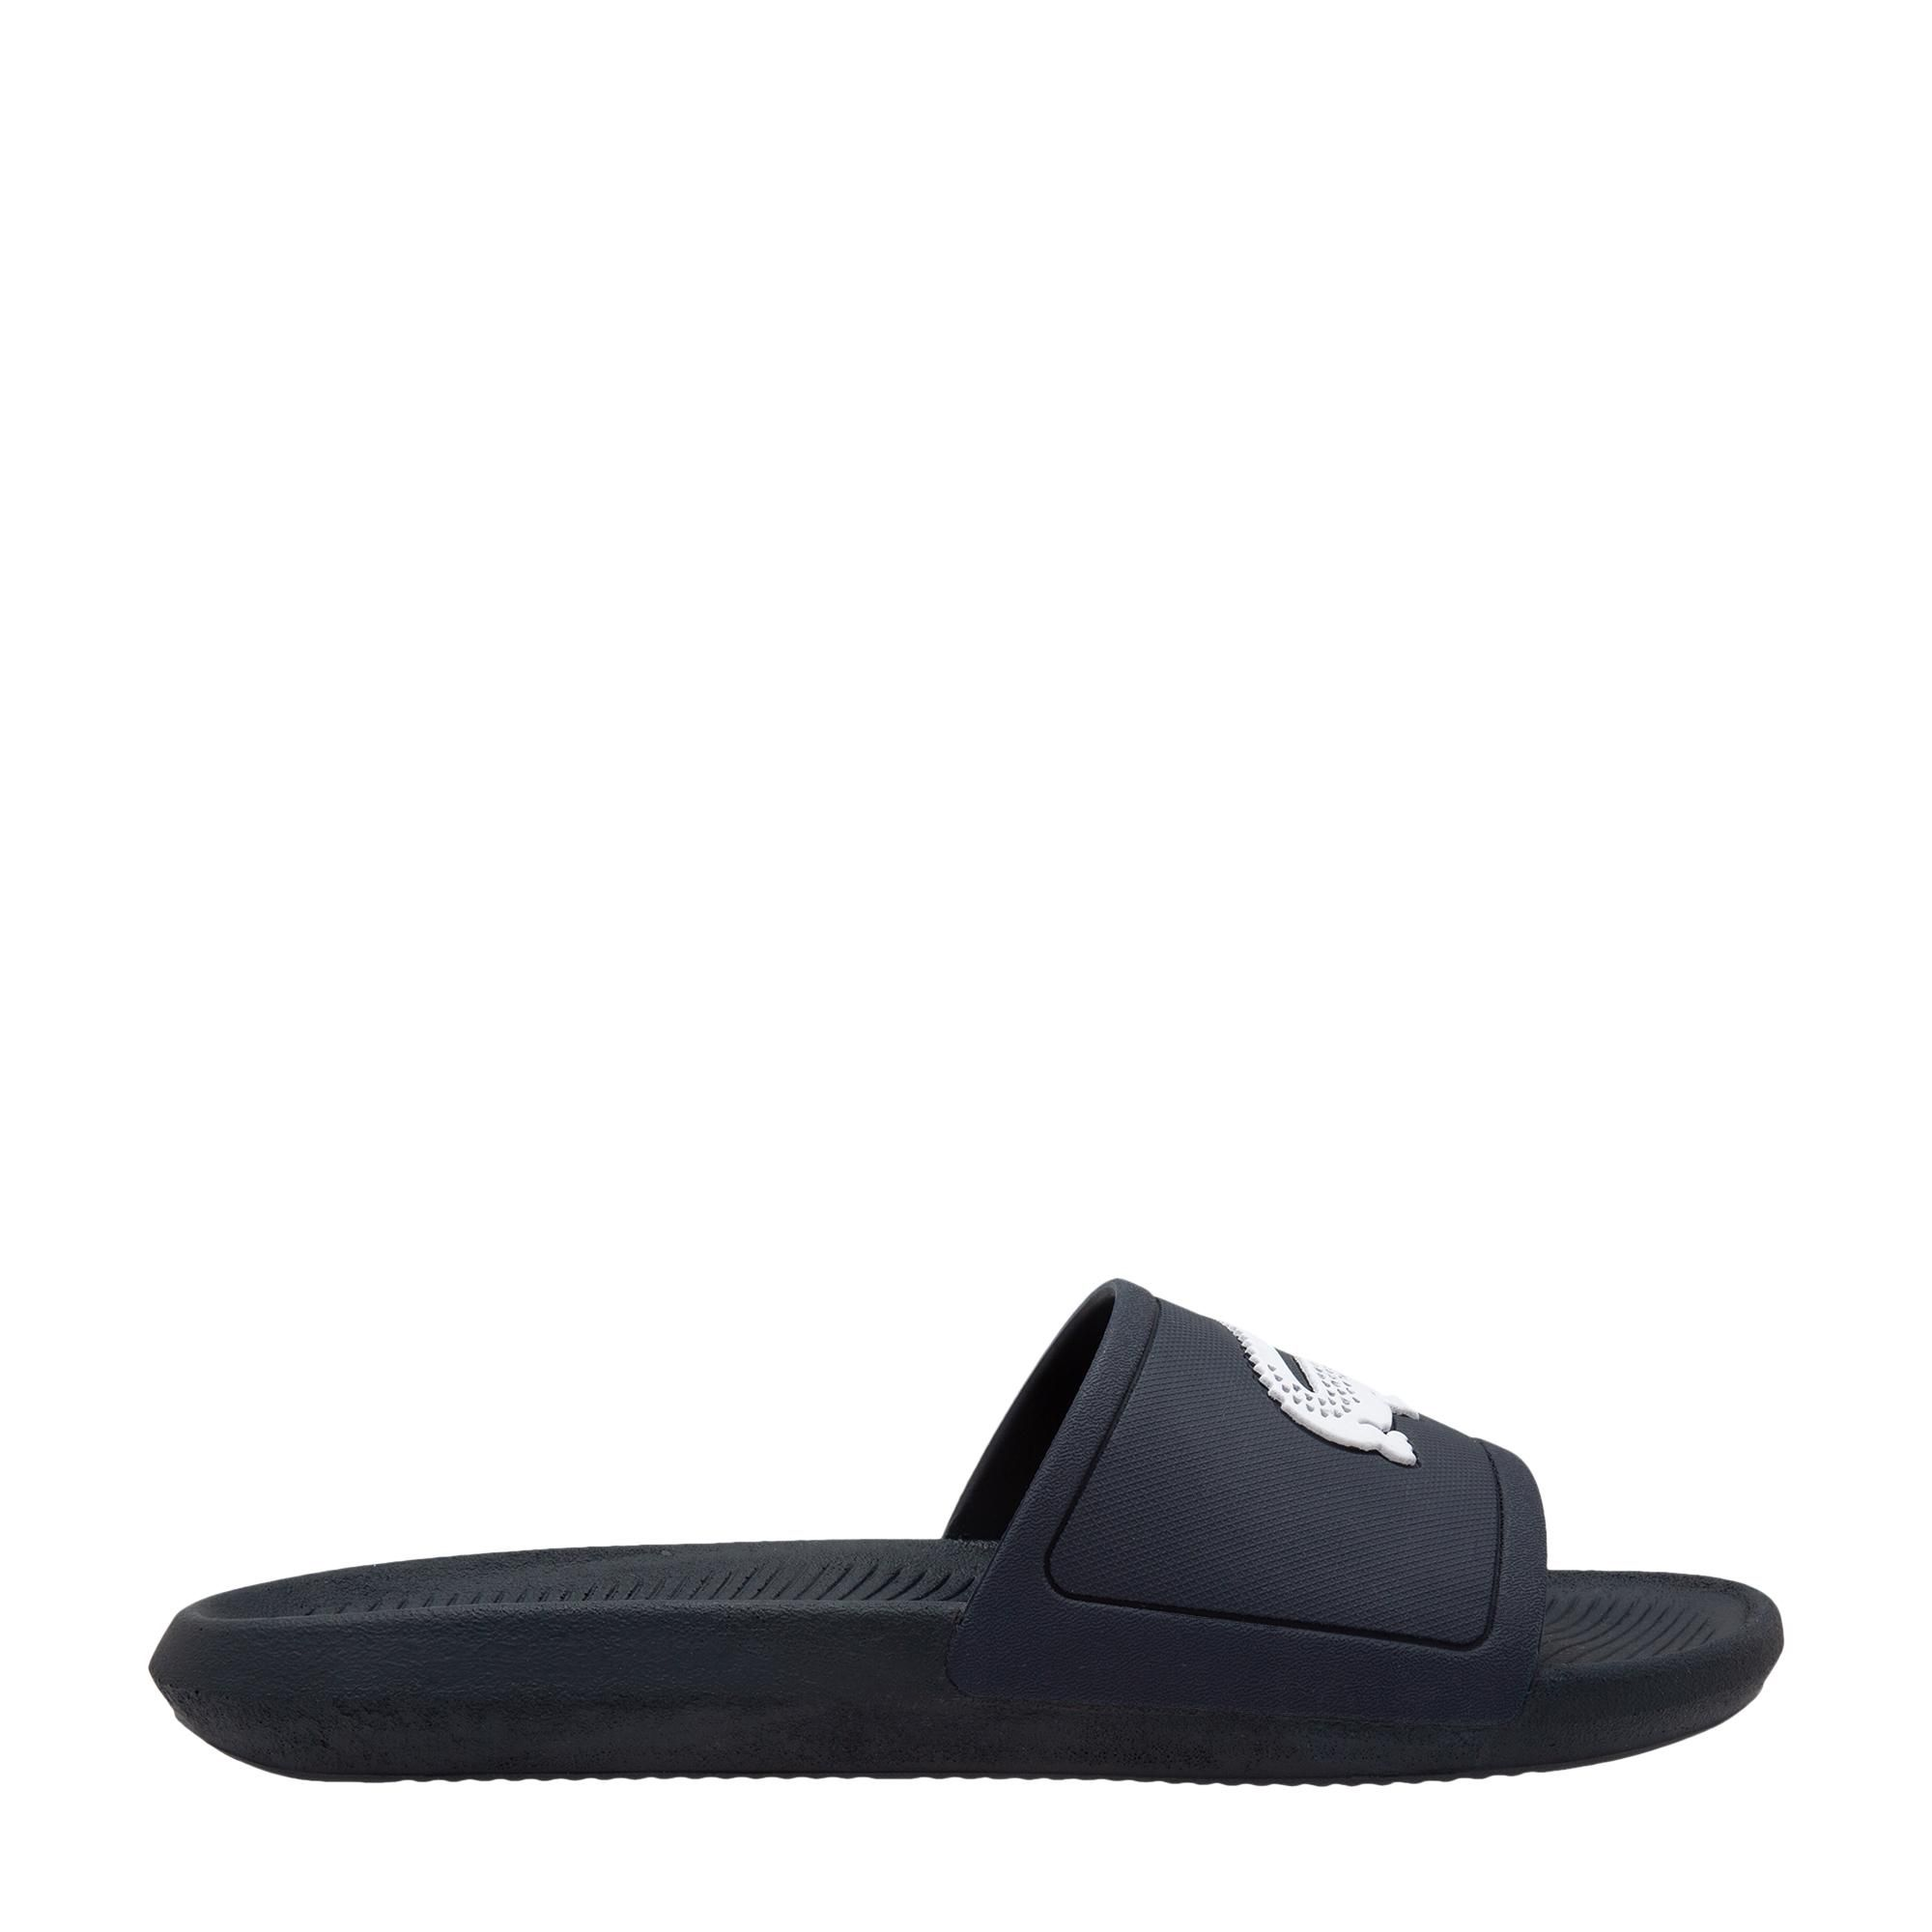 Croco slides